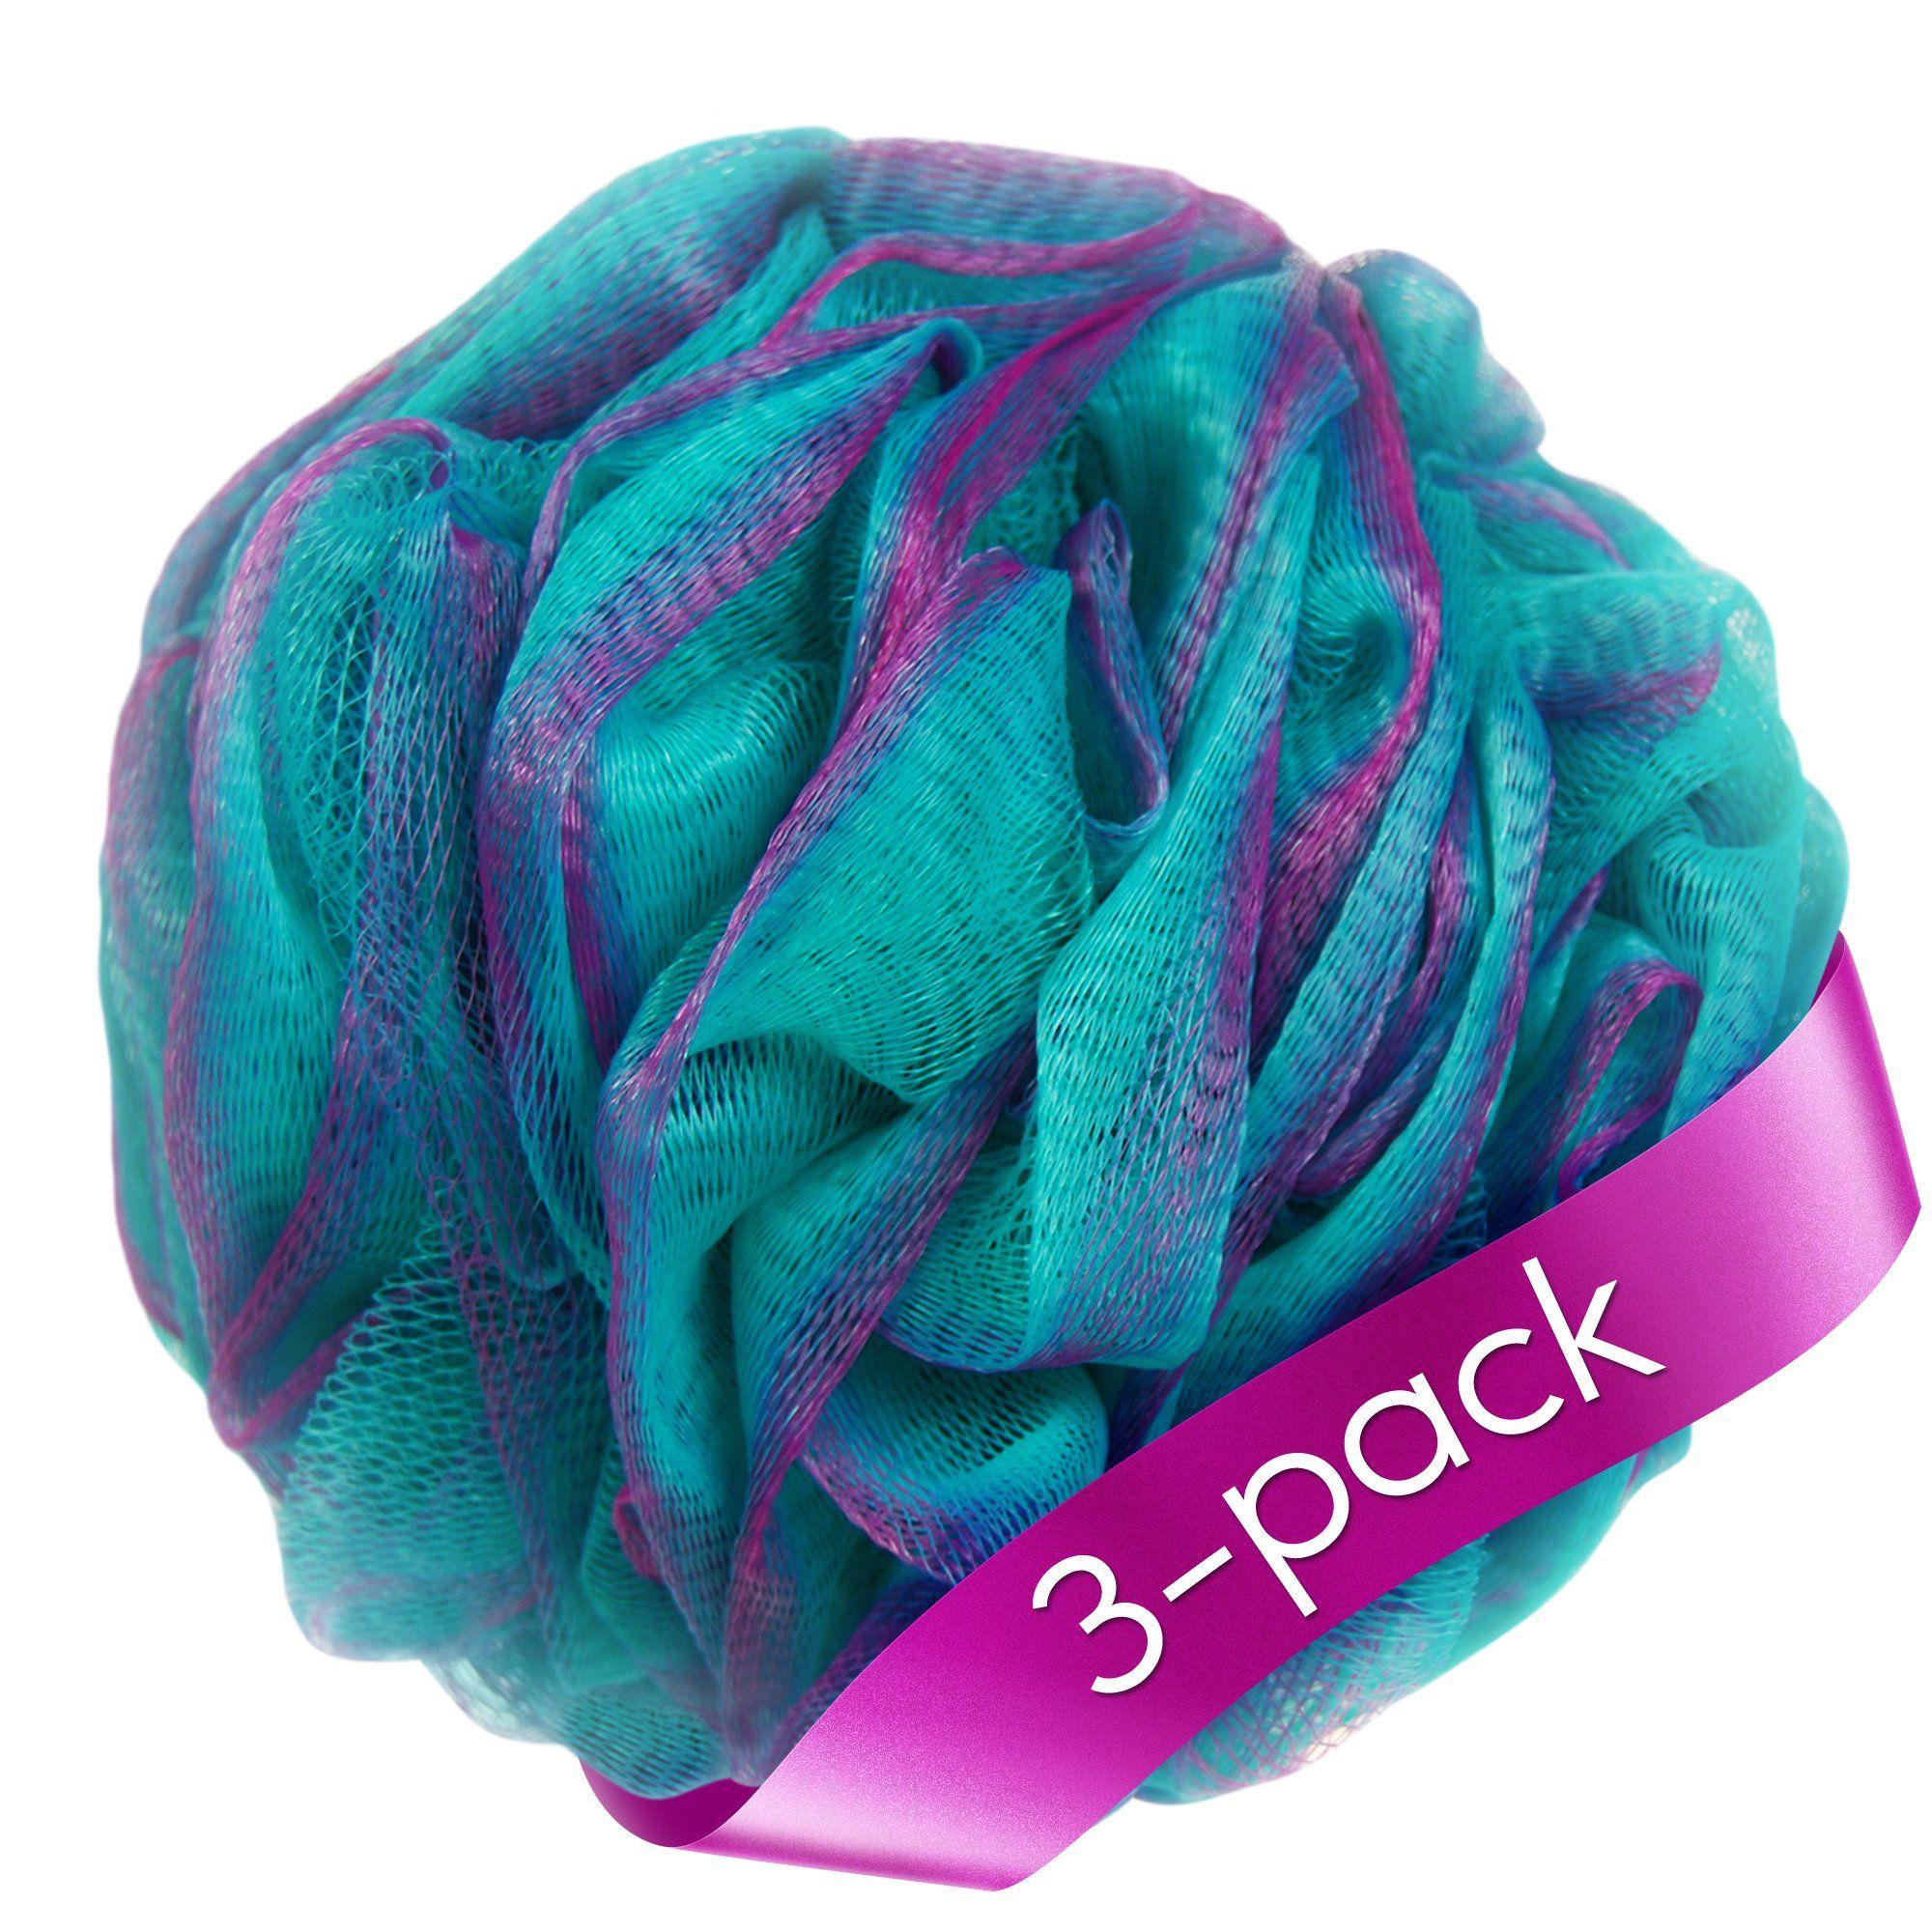 Loofah Bath Sponge Set of 3 different colors (70 gram each) by à la ...